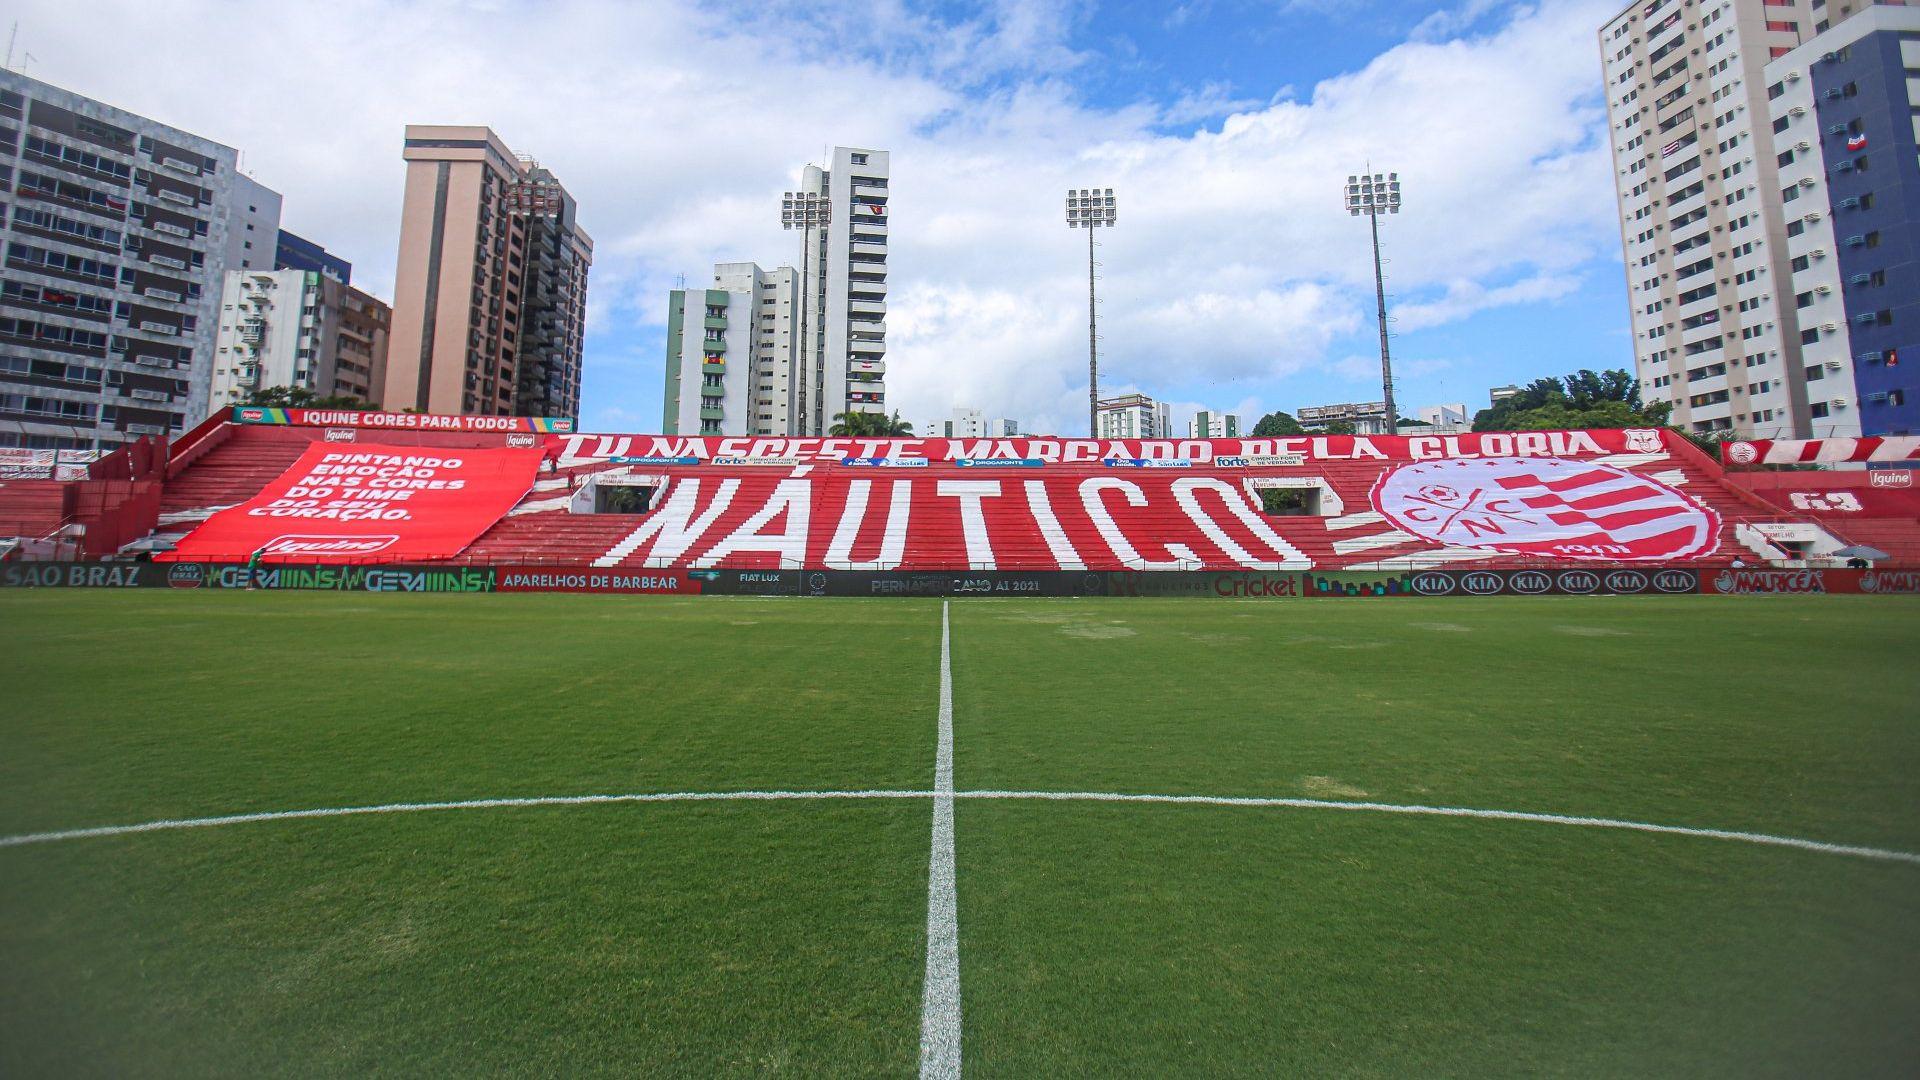 Com metas distintas, Náutico e Cruzeiro se enfrentam na noite desta terça-feira (17), às 19h, no Estádio Eládio de Barros Carvalho (Aflitos)